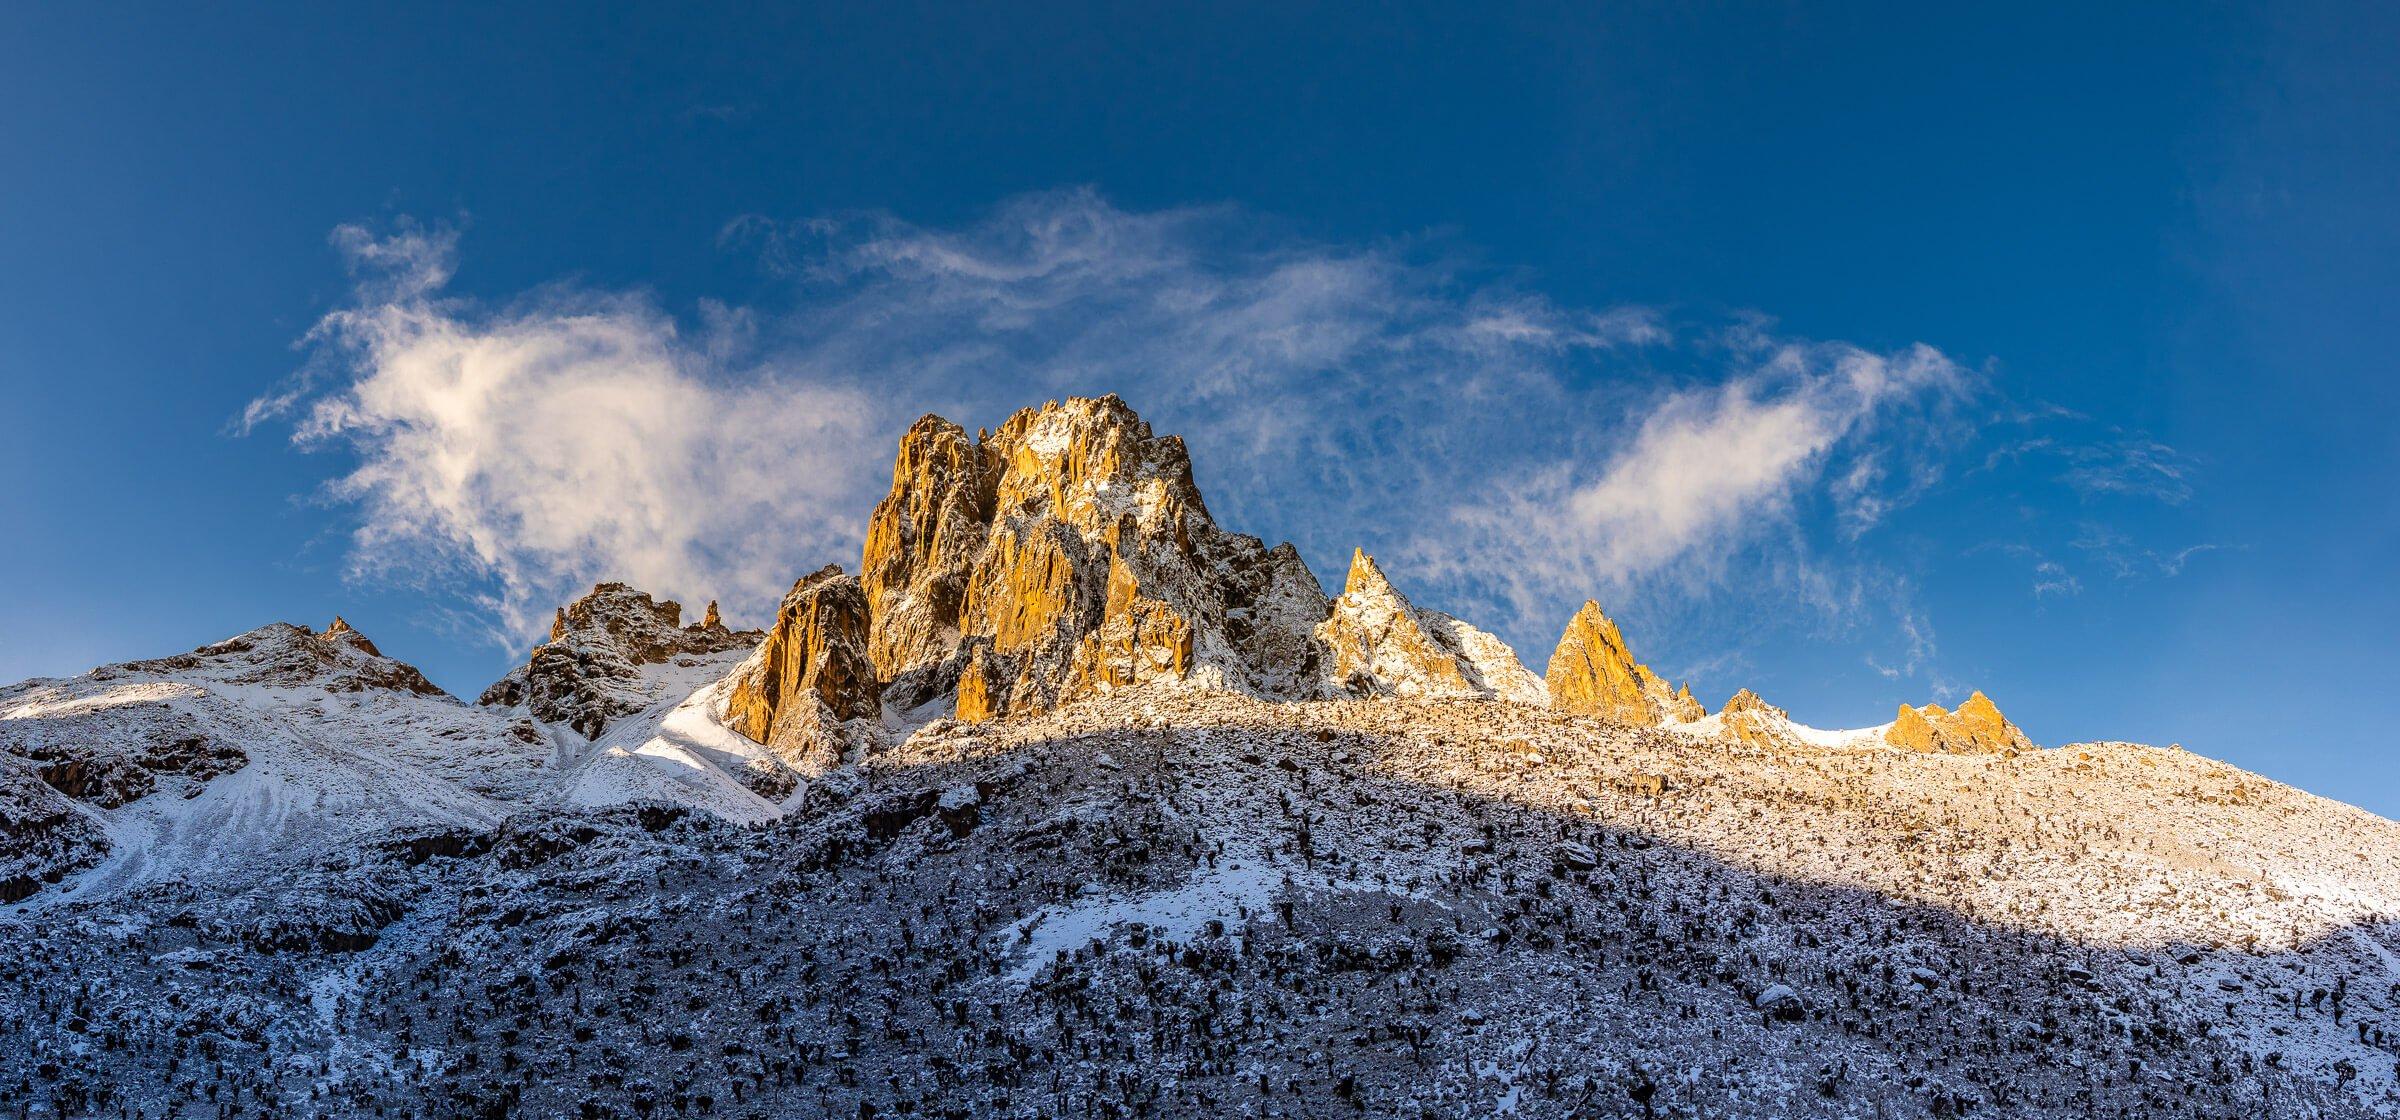 Snow Covered Mount Kenya Peaks Against Blue Sky